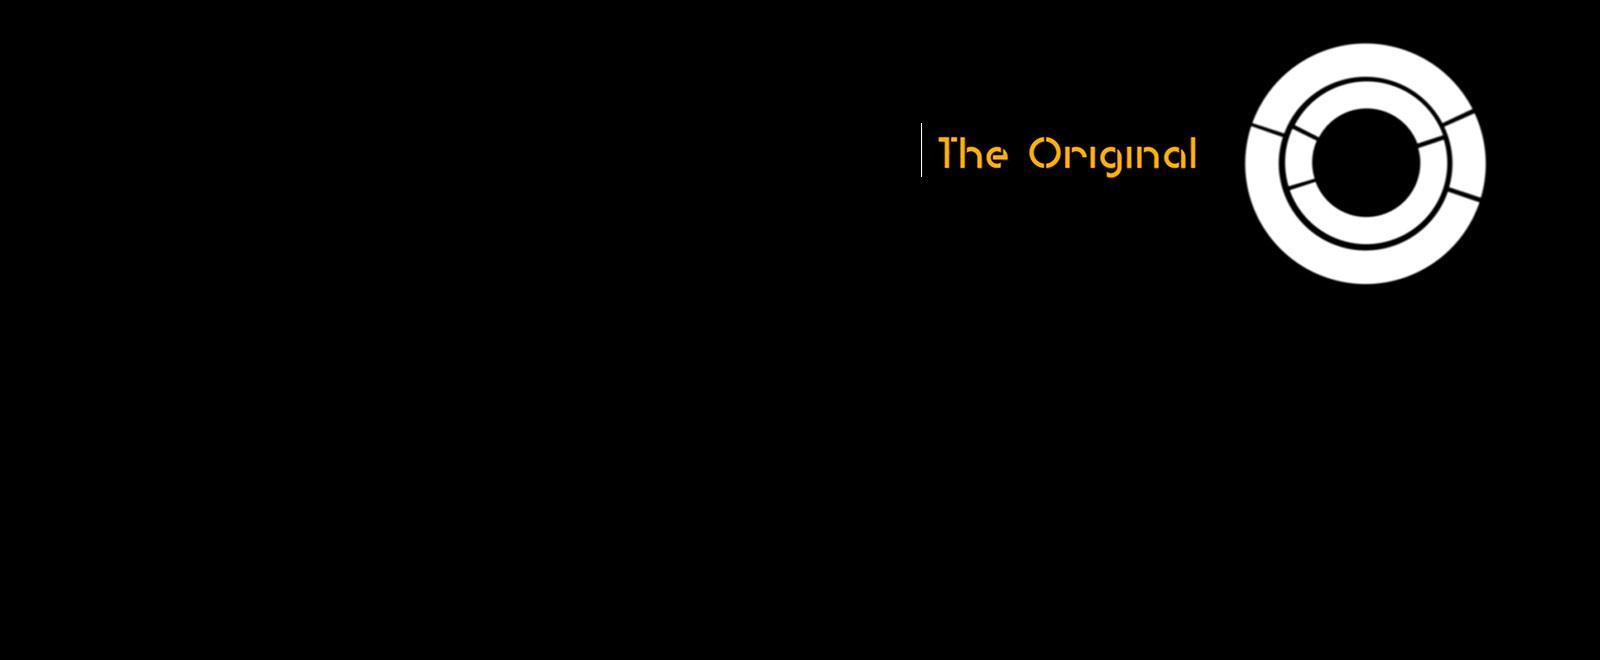 The original